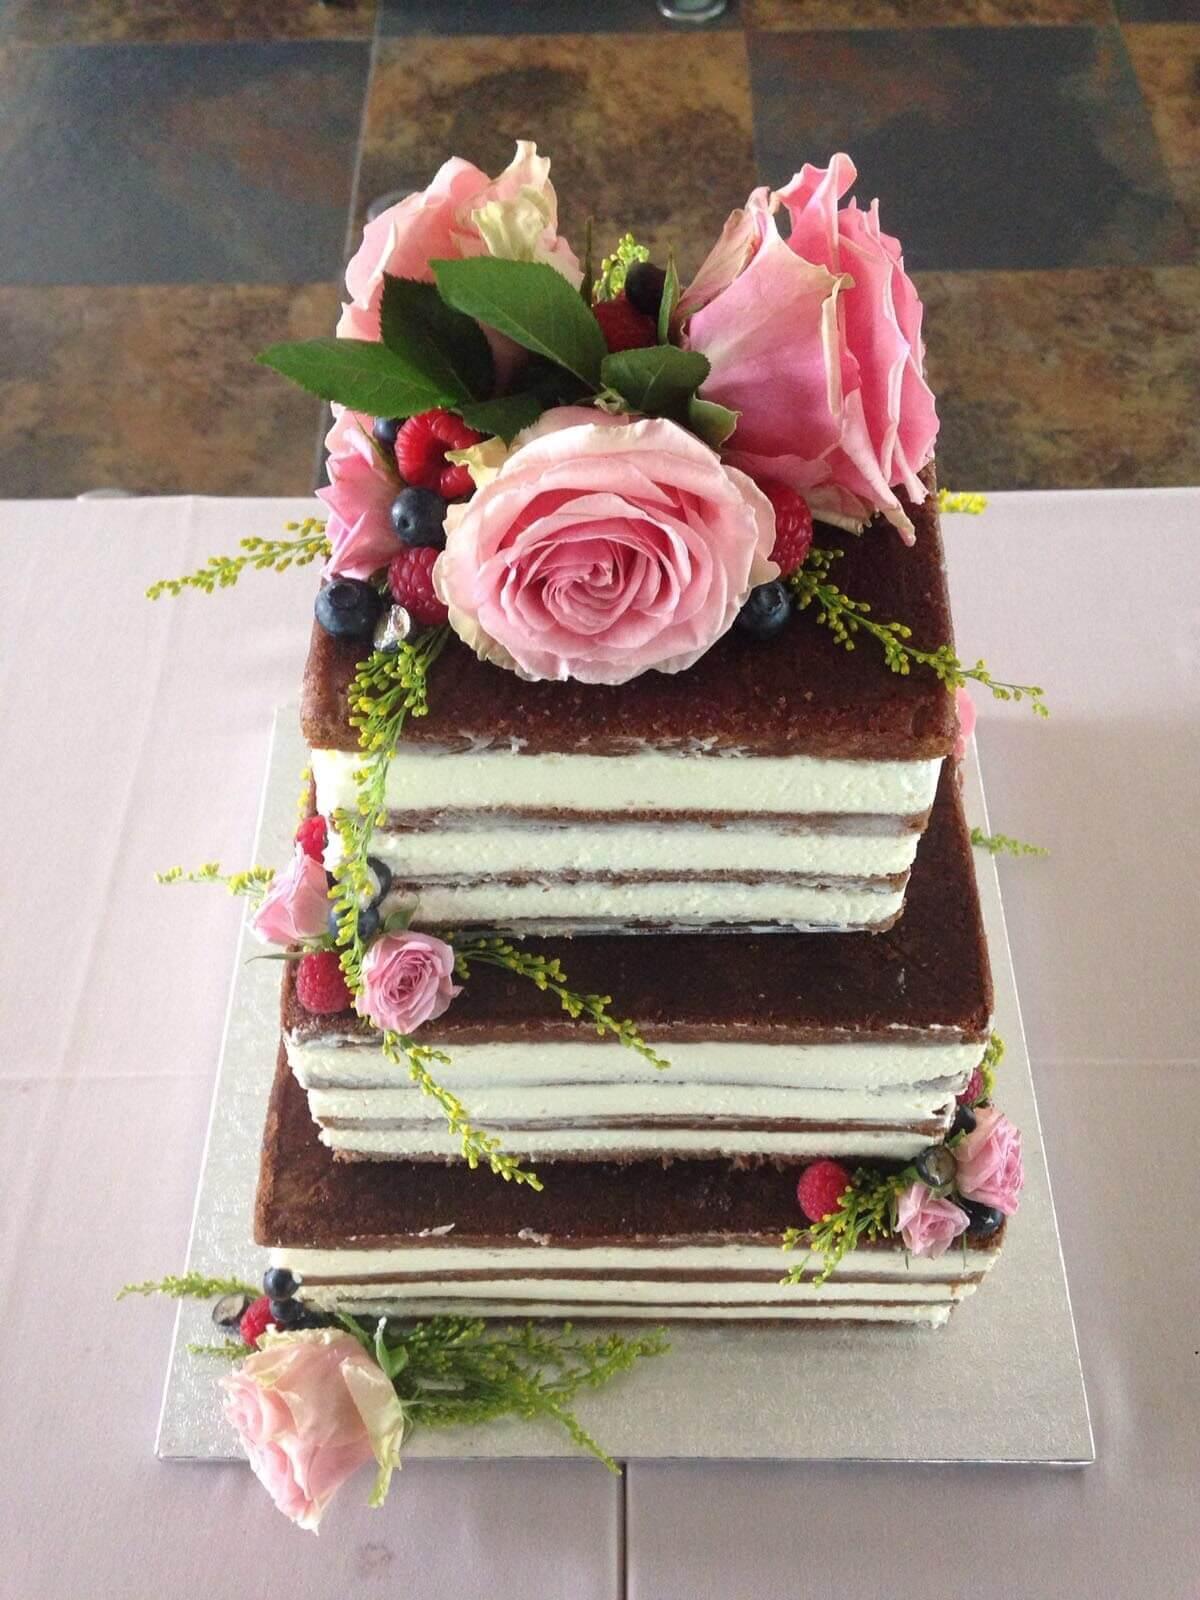 Tarta boda naked cake desnuda coruña flores y frutas Tarta boda naked cake desnuda coruña flores y frutas